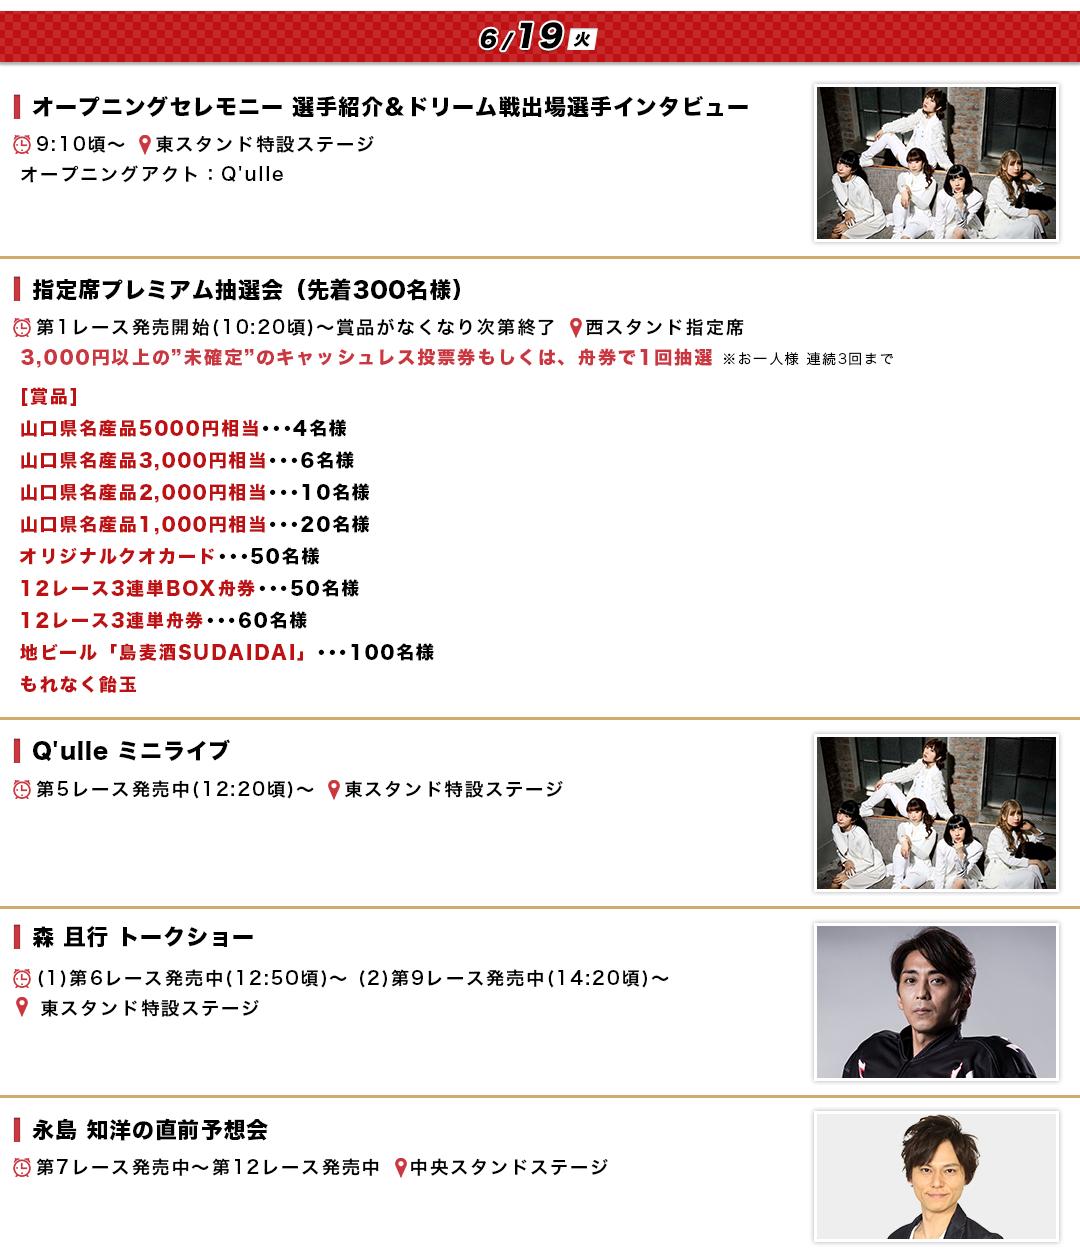 徳山SGグランドチャンピオンのイベント情報(初日)